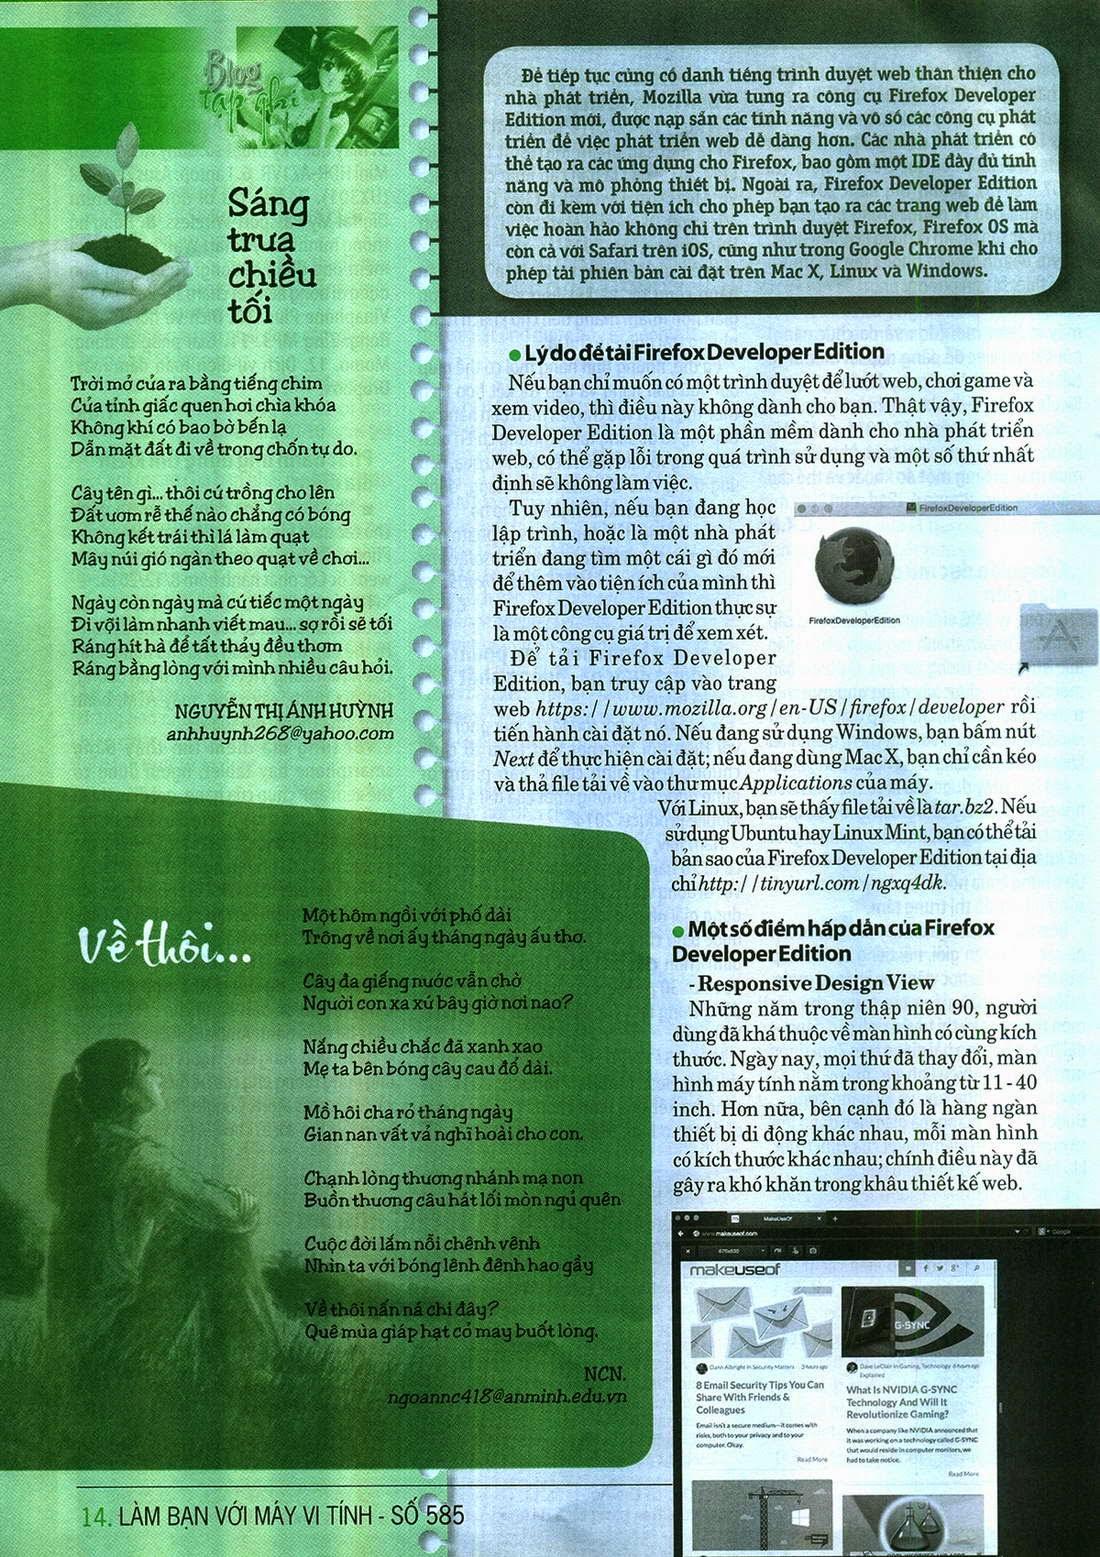 Làm Bạn Với Máy Vi Tính 585 tapchicntt.com